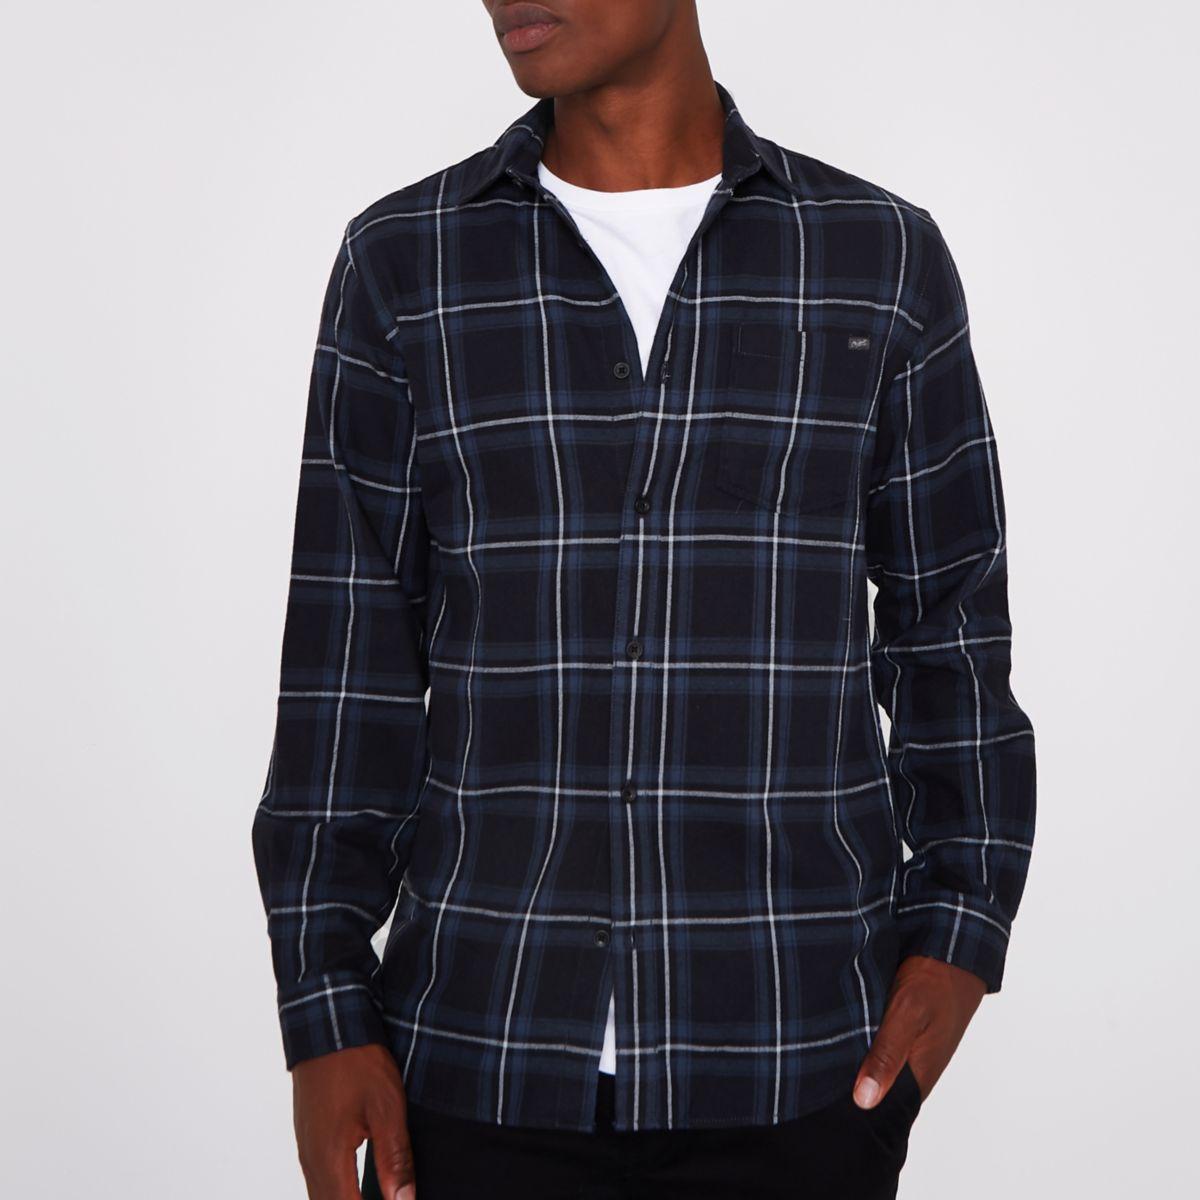 Jack & Jones - Chemise à carreaux noire